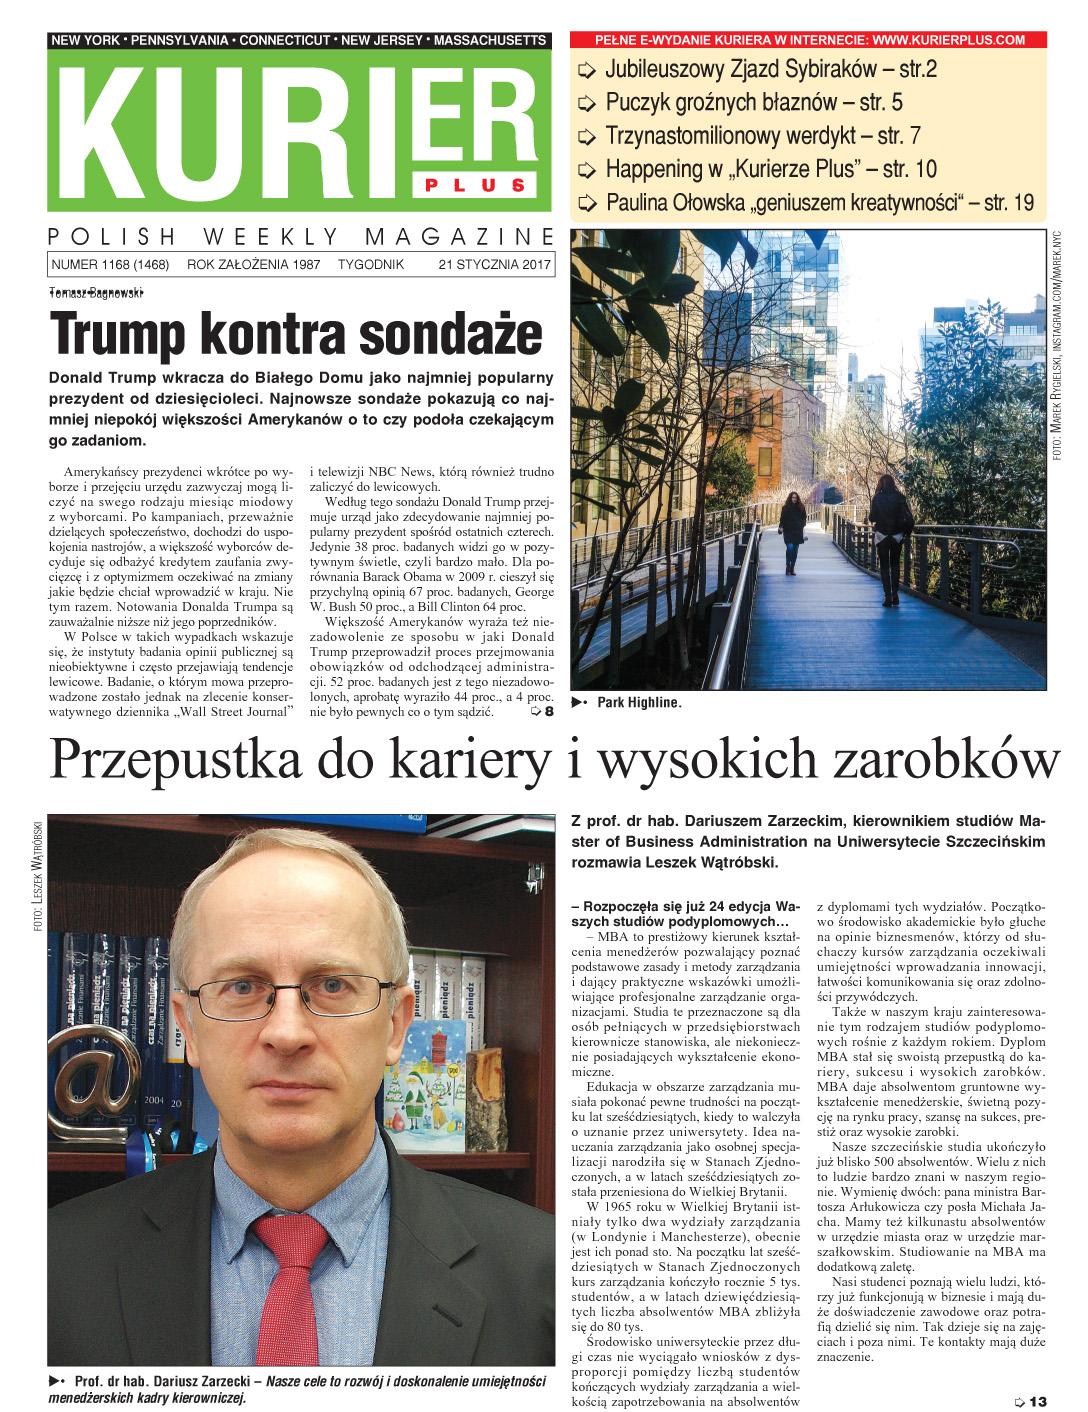 Kurir Plus - e-wydanie 21 stycznia 2017